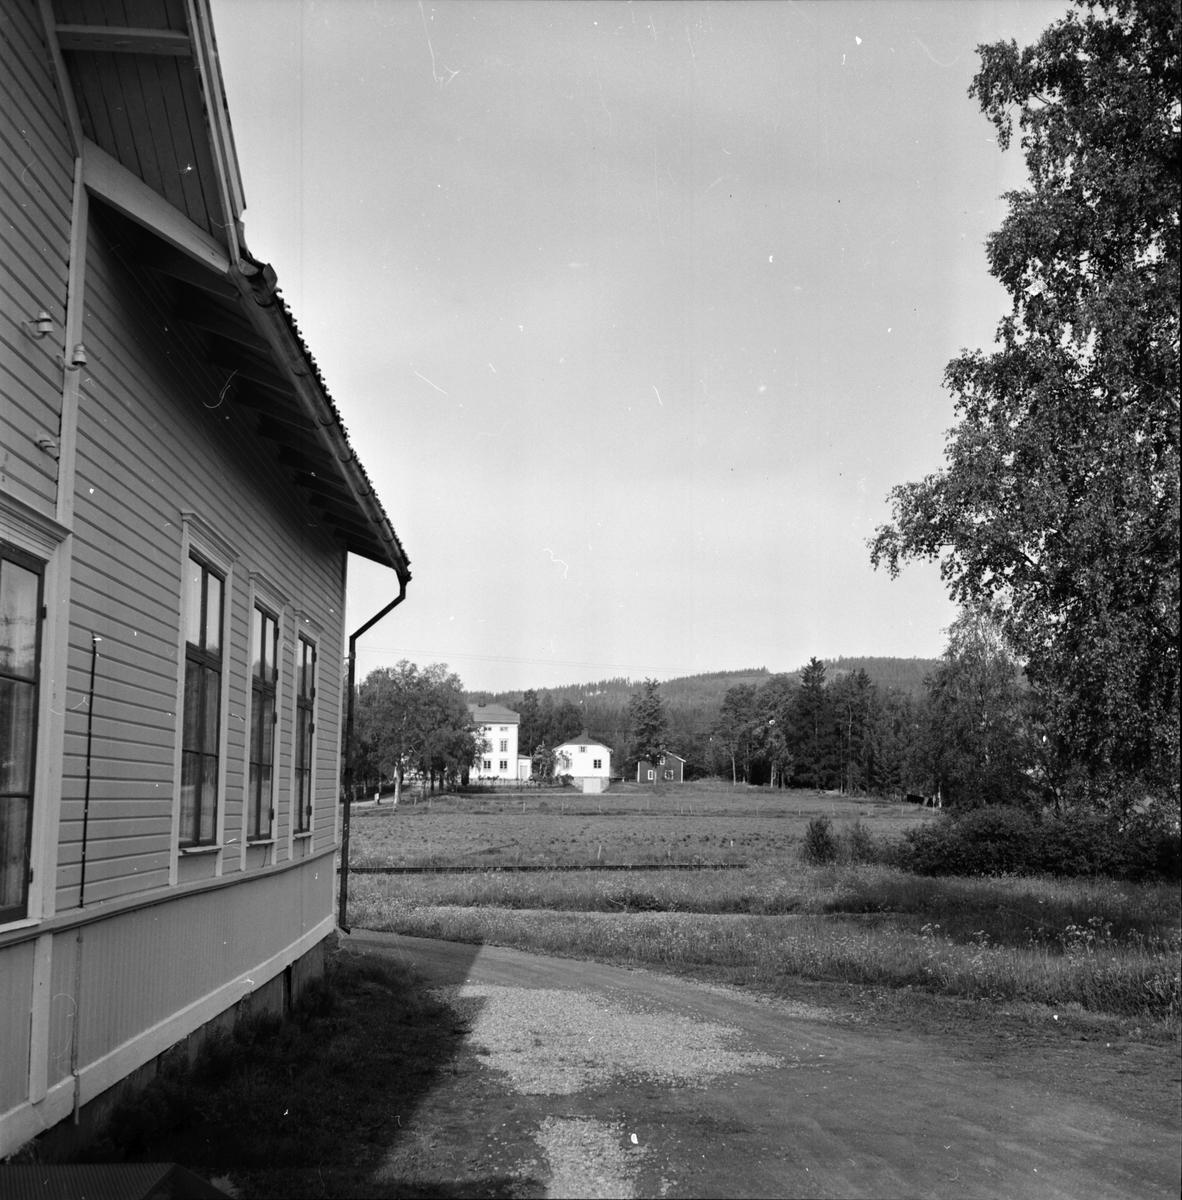 Arbrå, Hägersta, Juni 1971